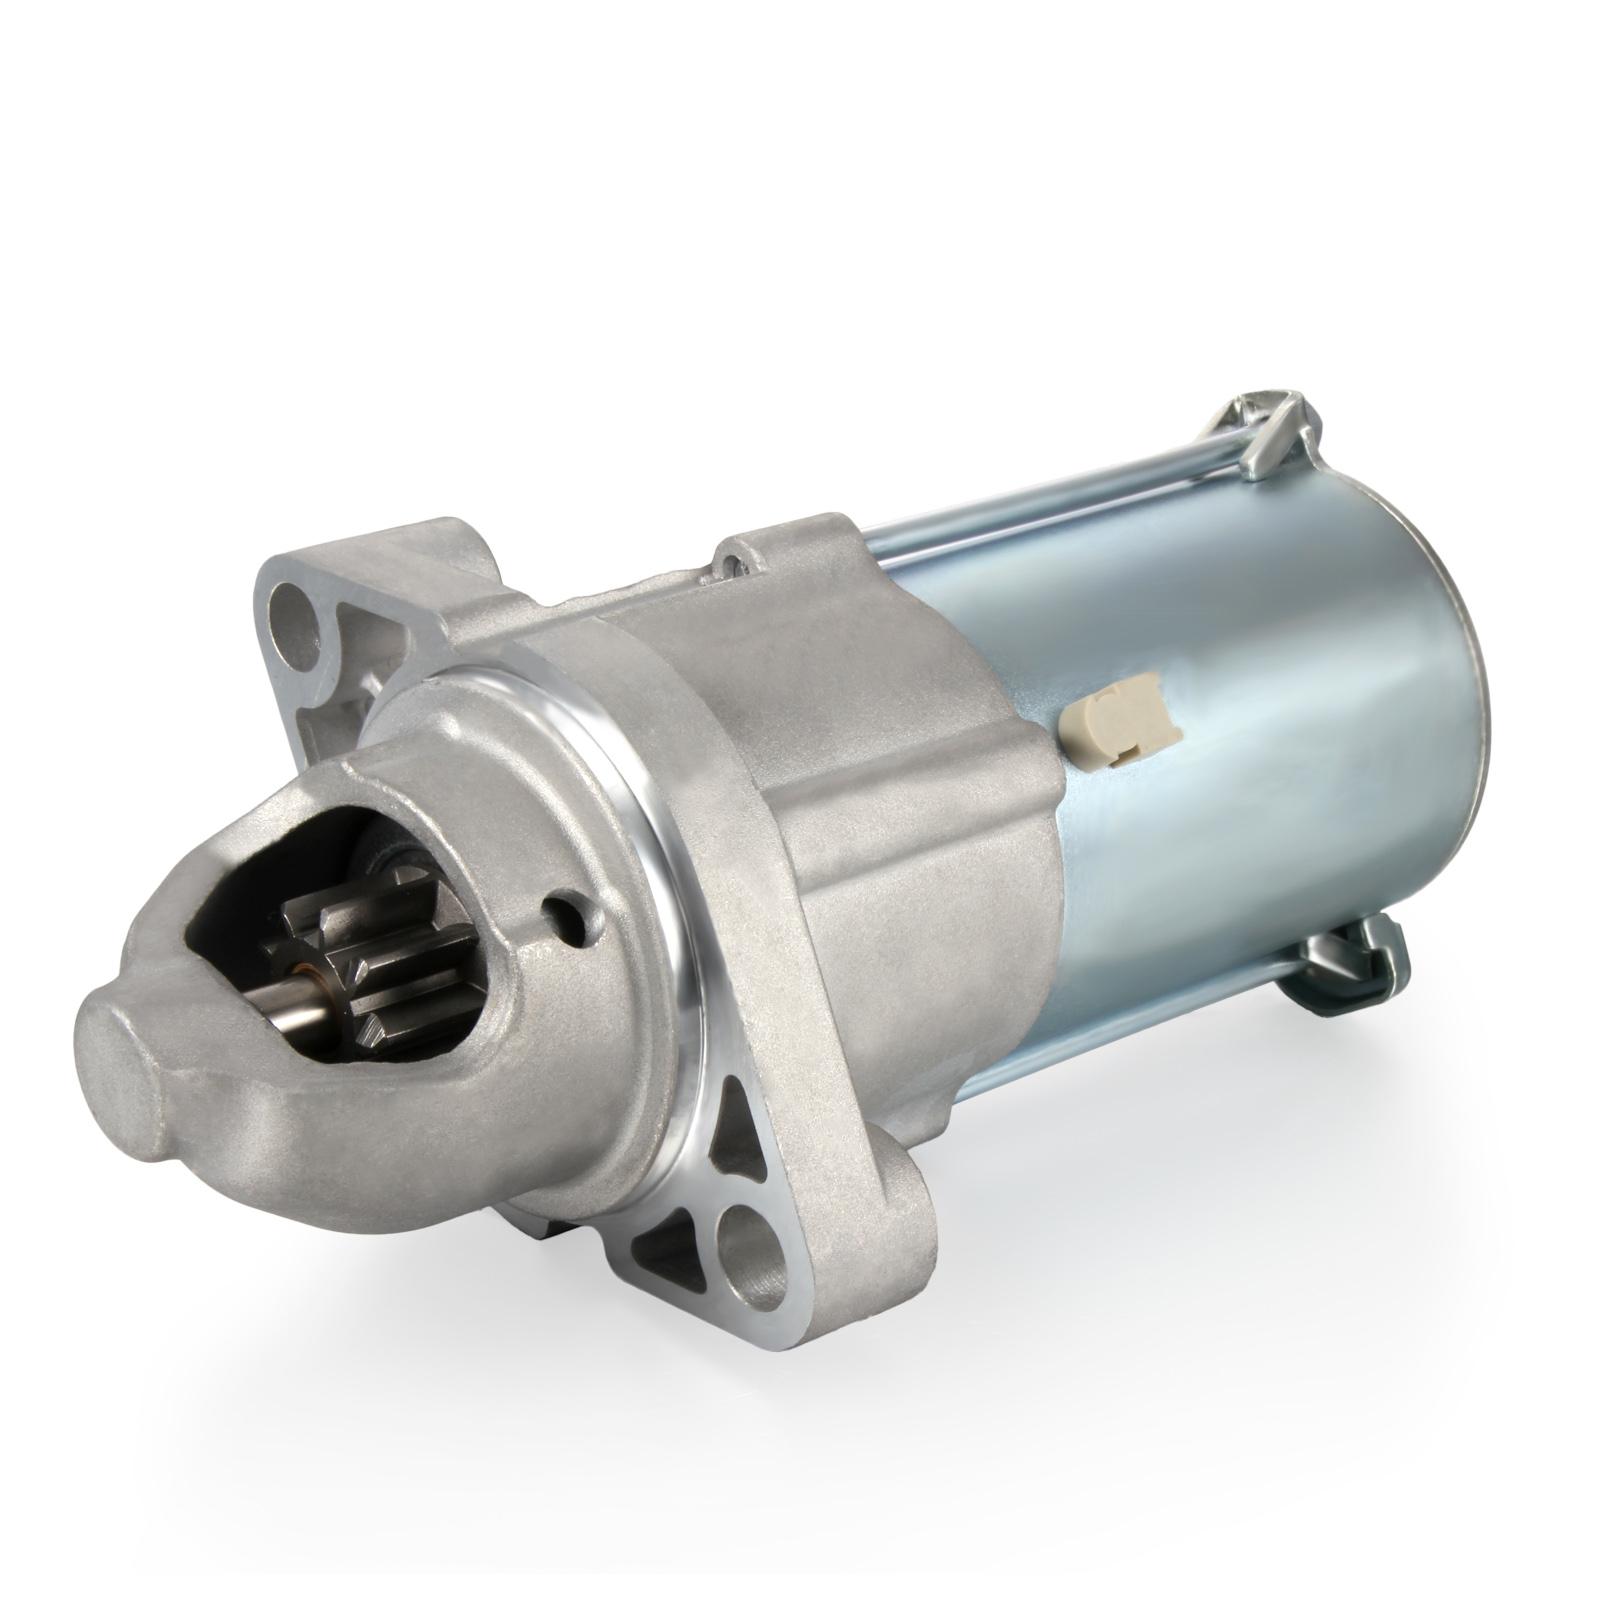 Starter Motor For Honda Civic Accord CR-V Element Acura